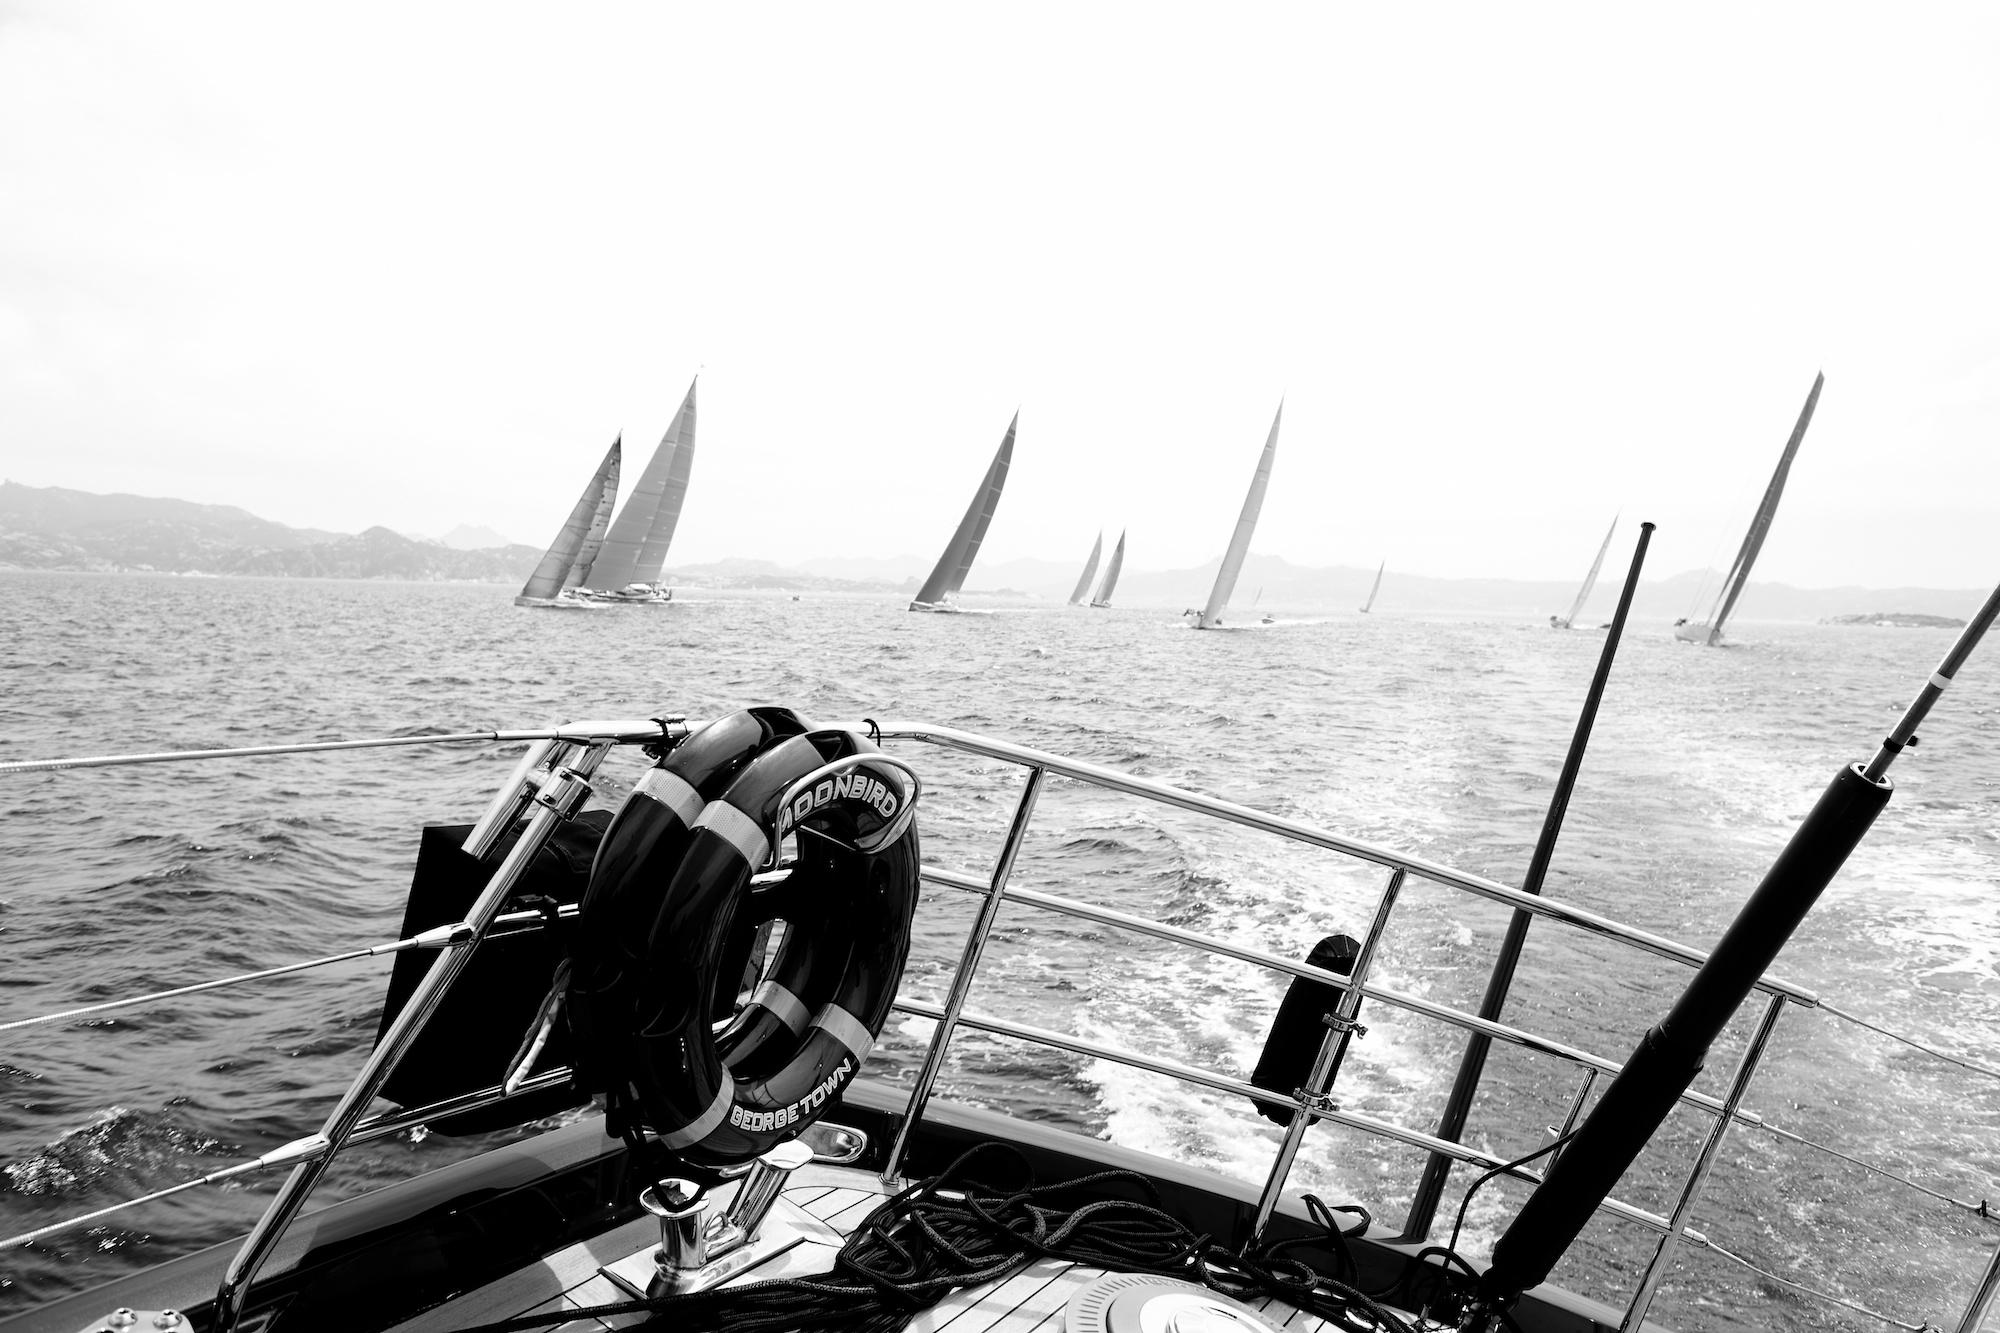 Superyacht Regatta